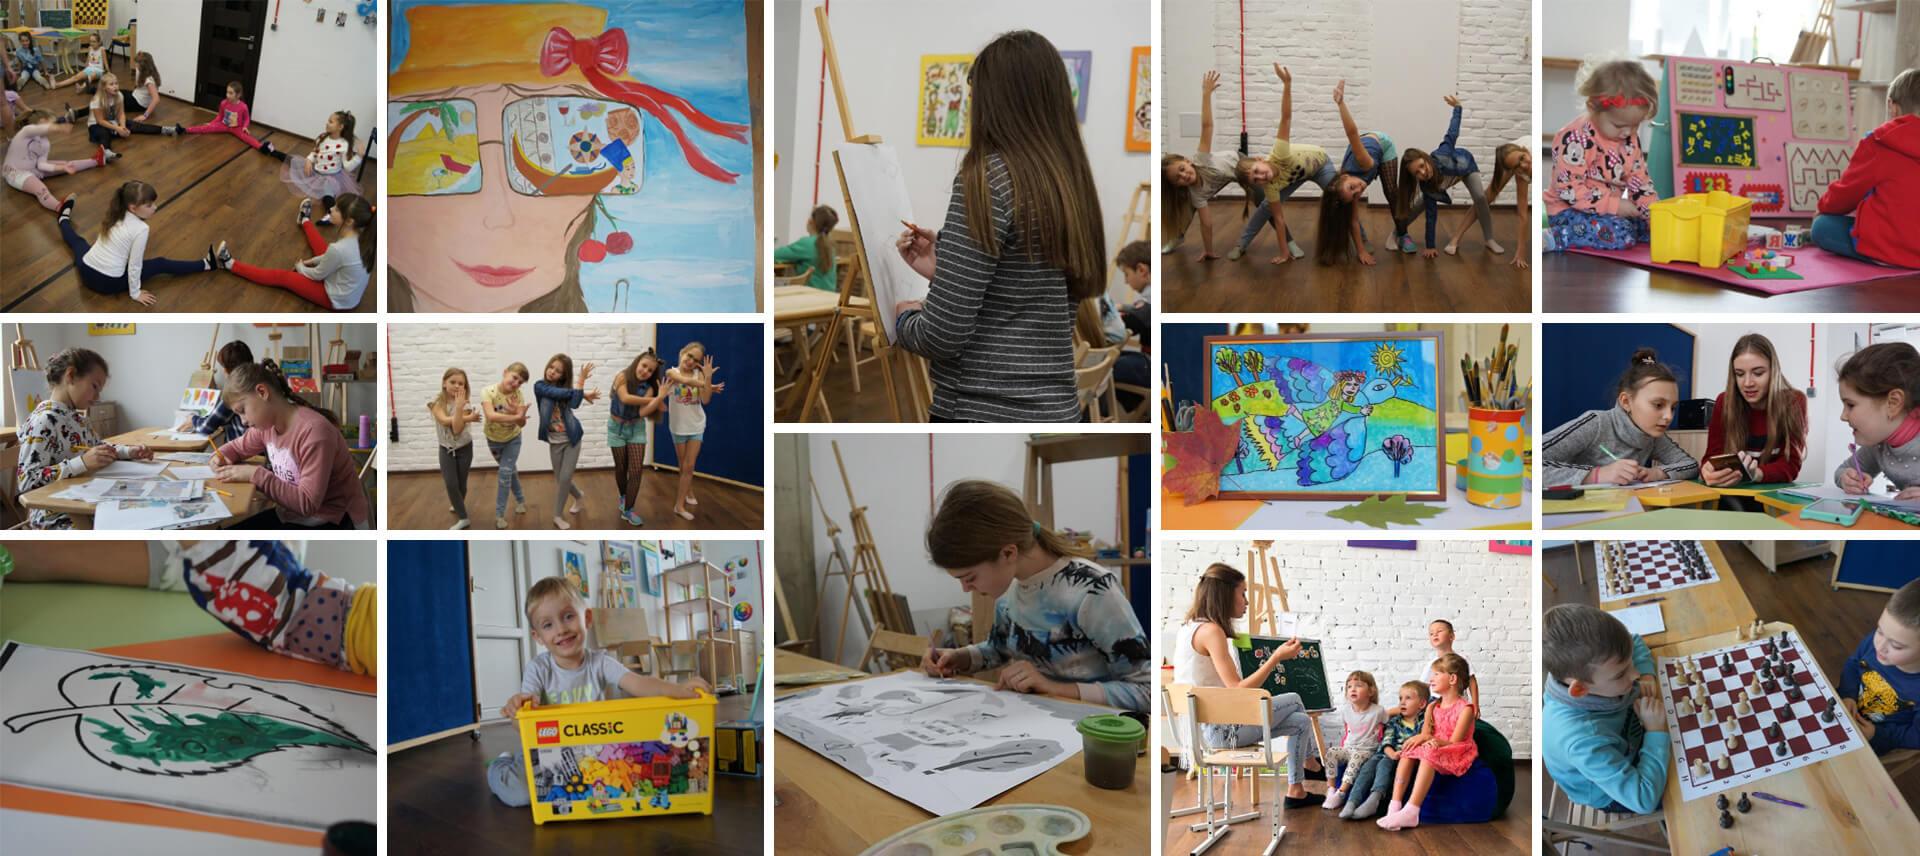 Літній табір у дитячій артстудії «Море» - Дитяча артстудія МОРЕ